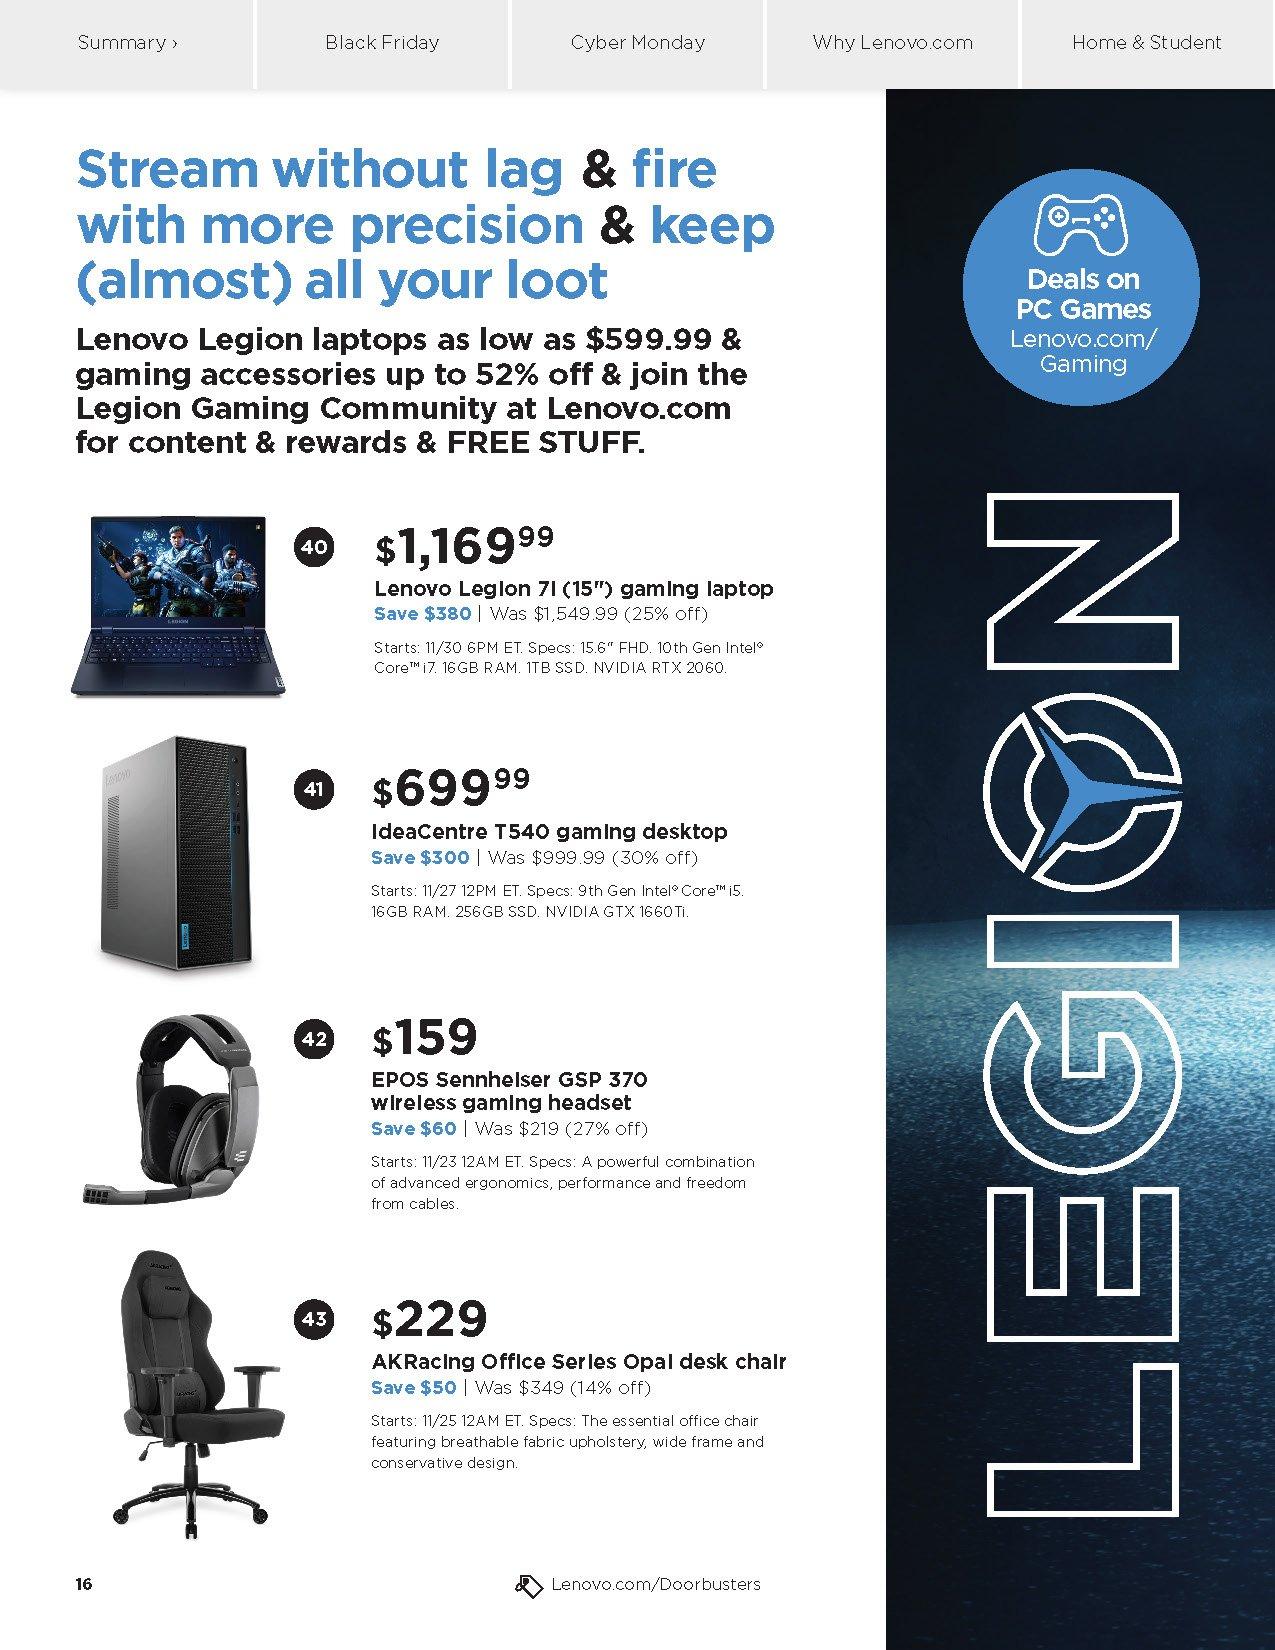 Lenovo Cyber Monday 2020 Page 16